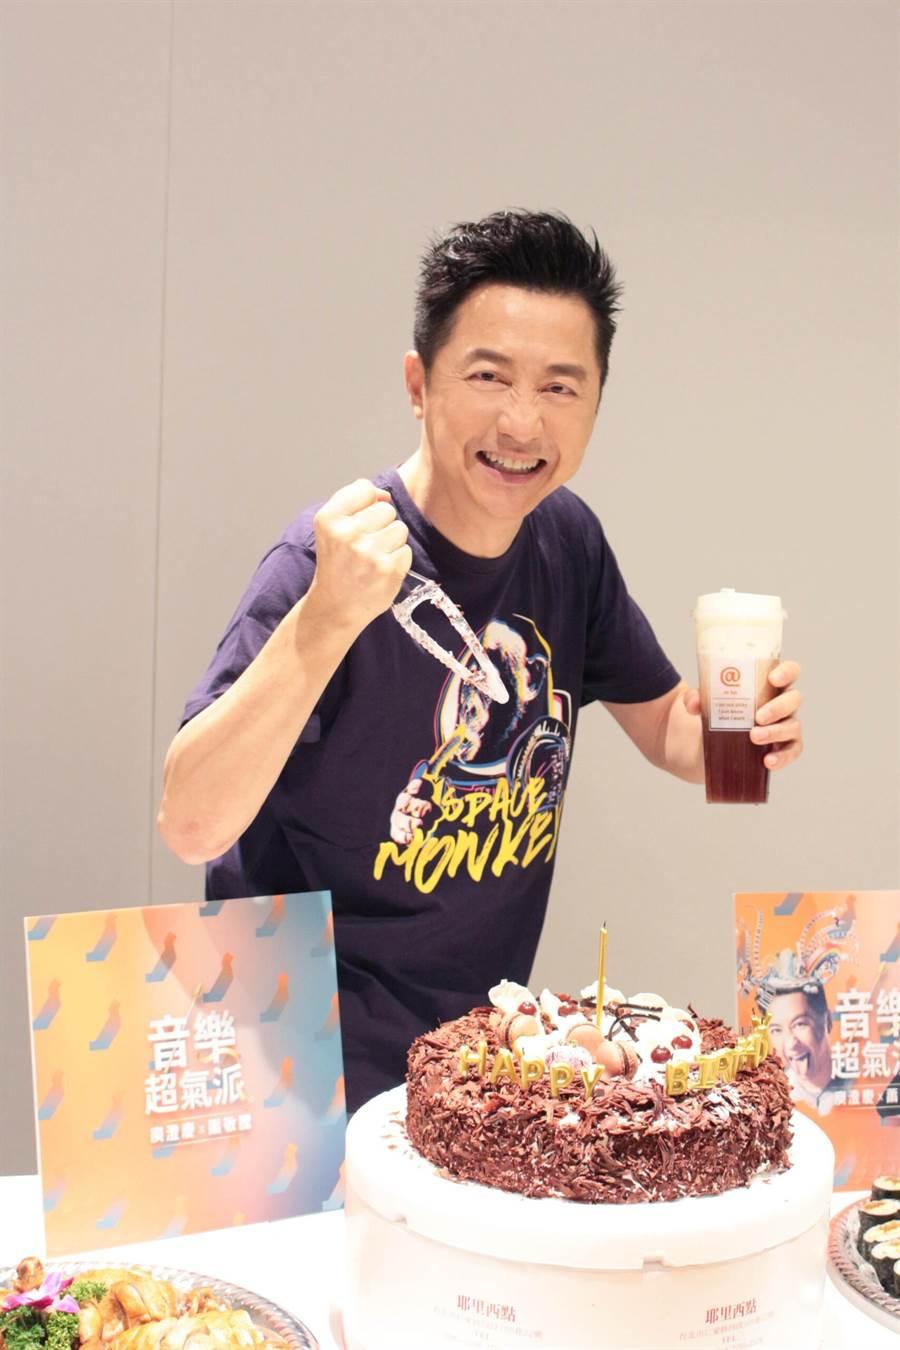 哈林大啖蛋糕,手上還拿著老蕭的「署茗職茶」飲料。(福茂唱片提供)